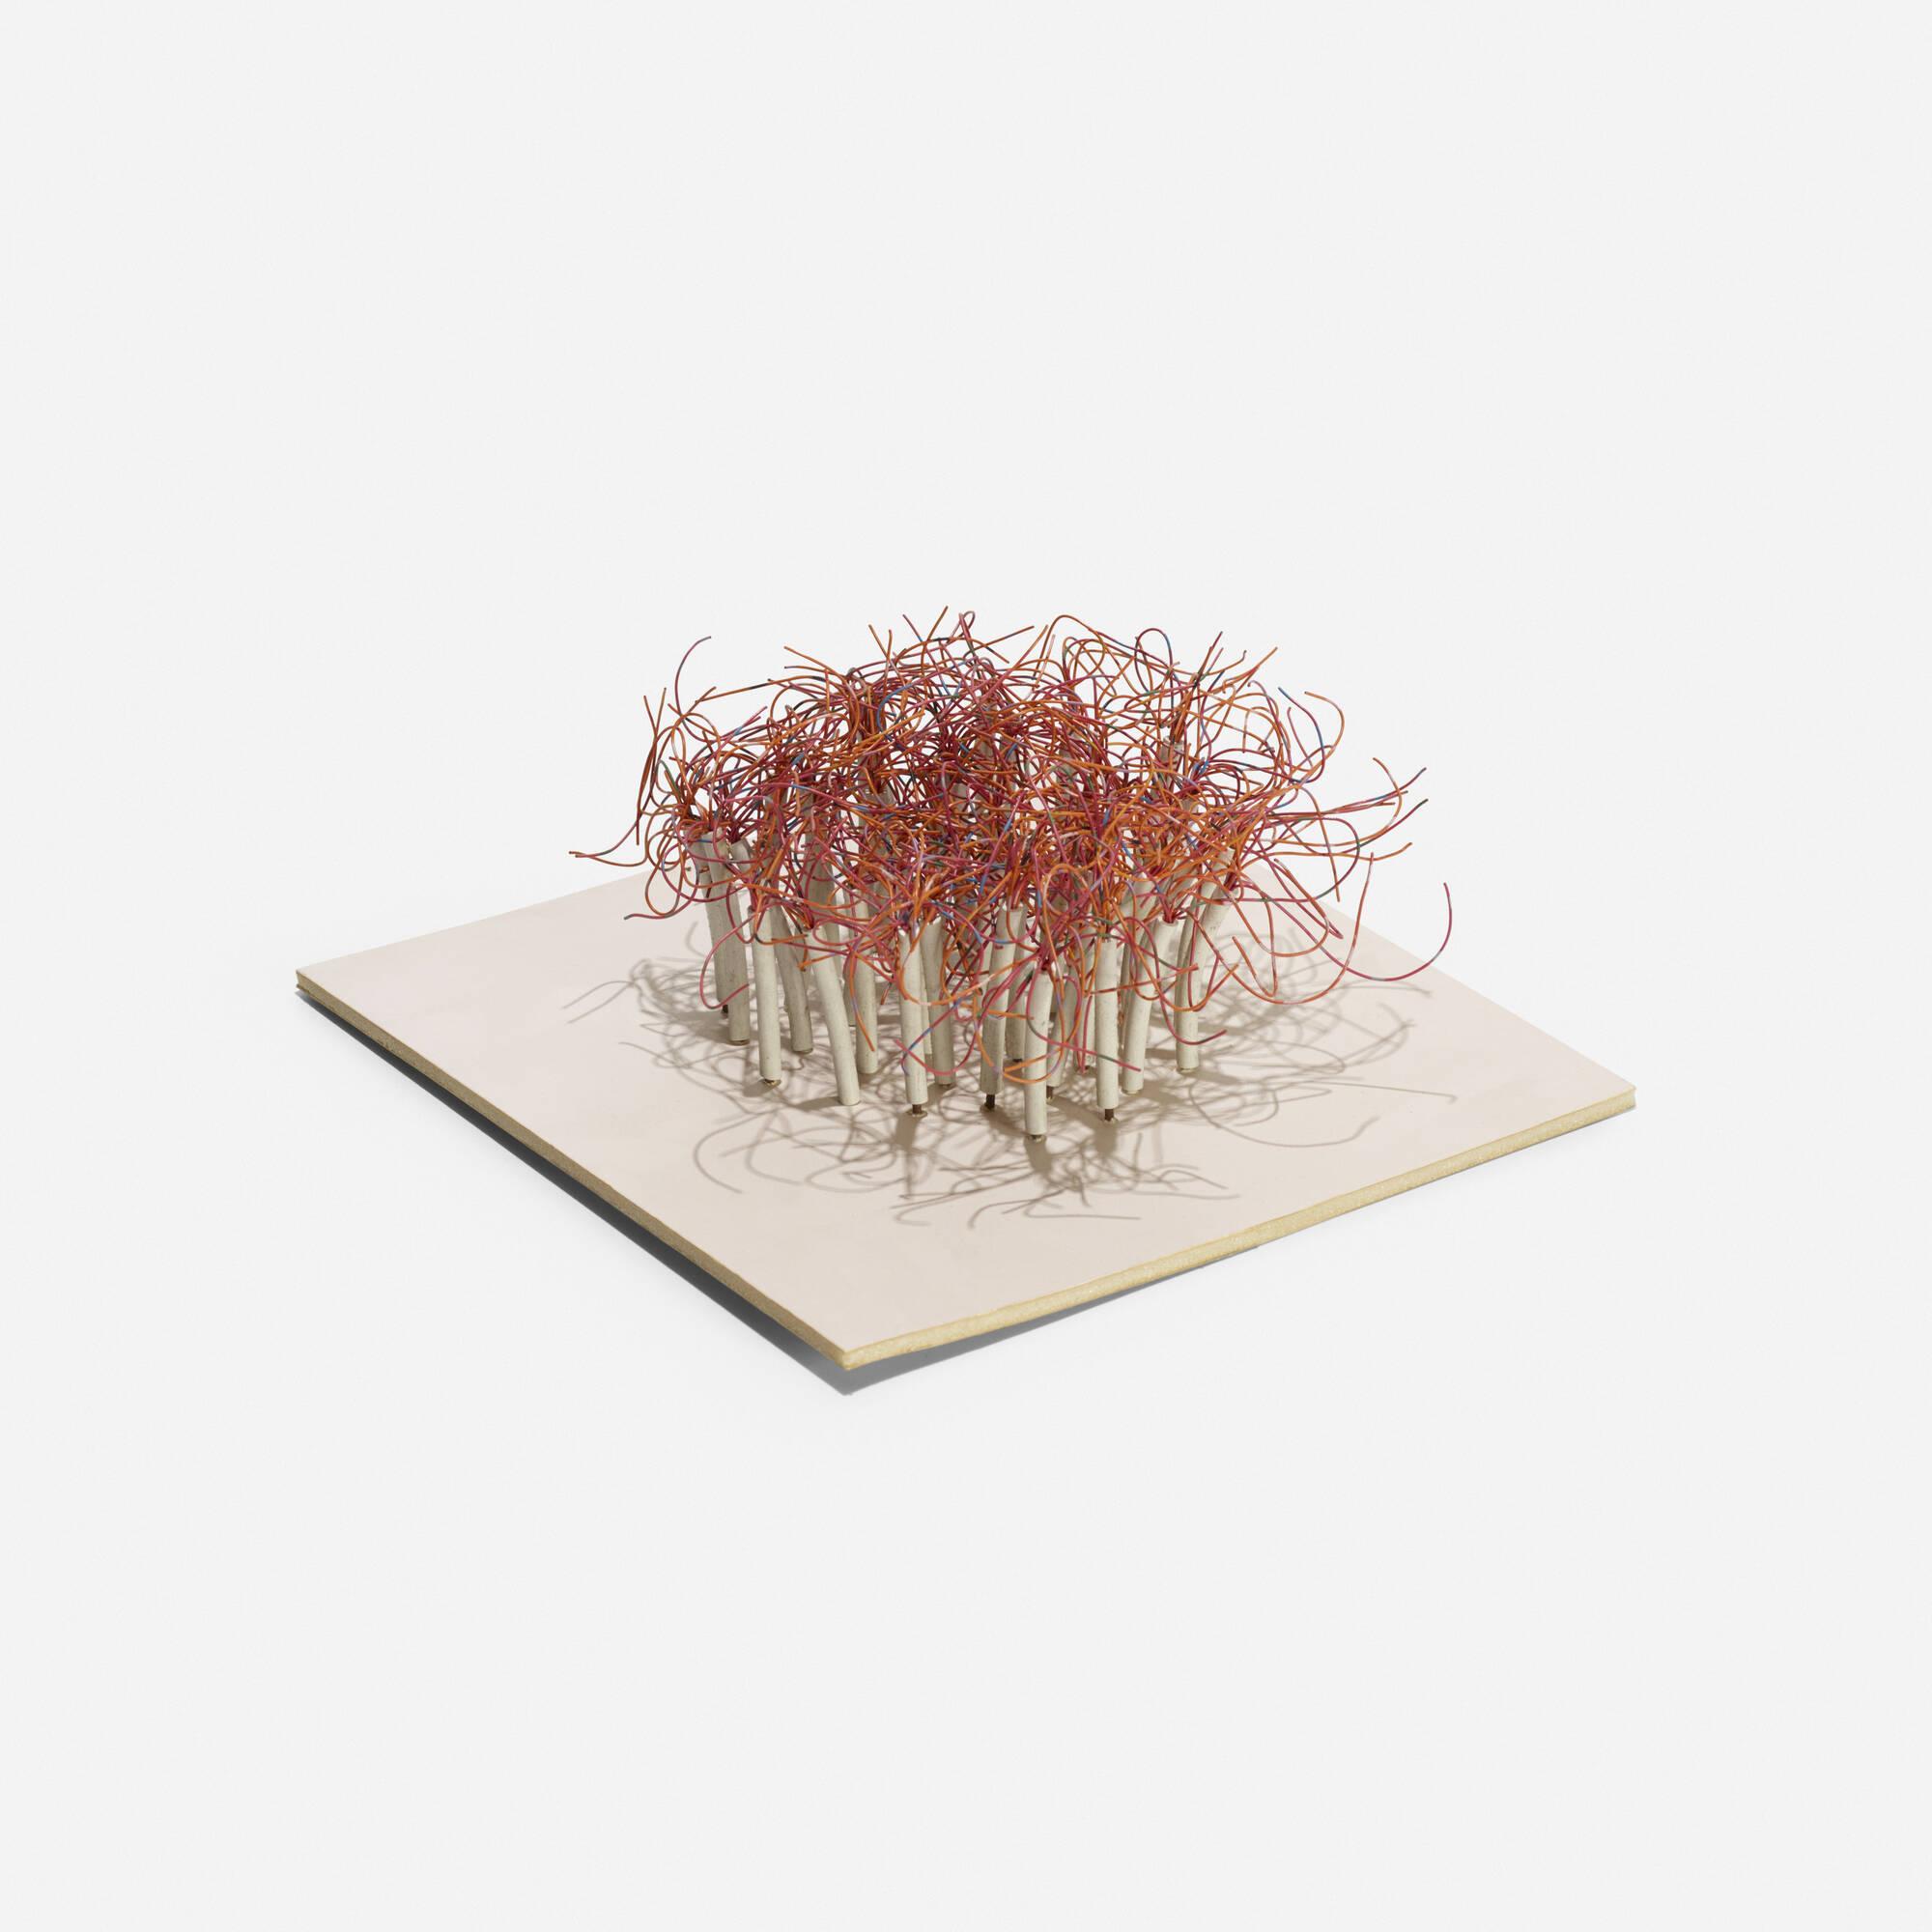 160: Irving Harper / Untitled (1 of 2)